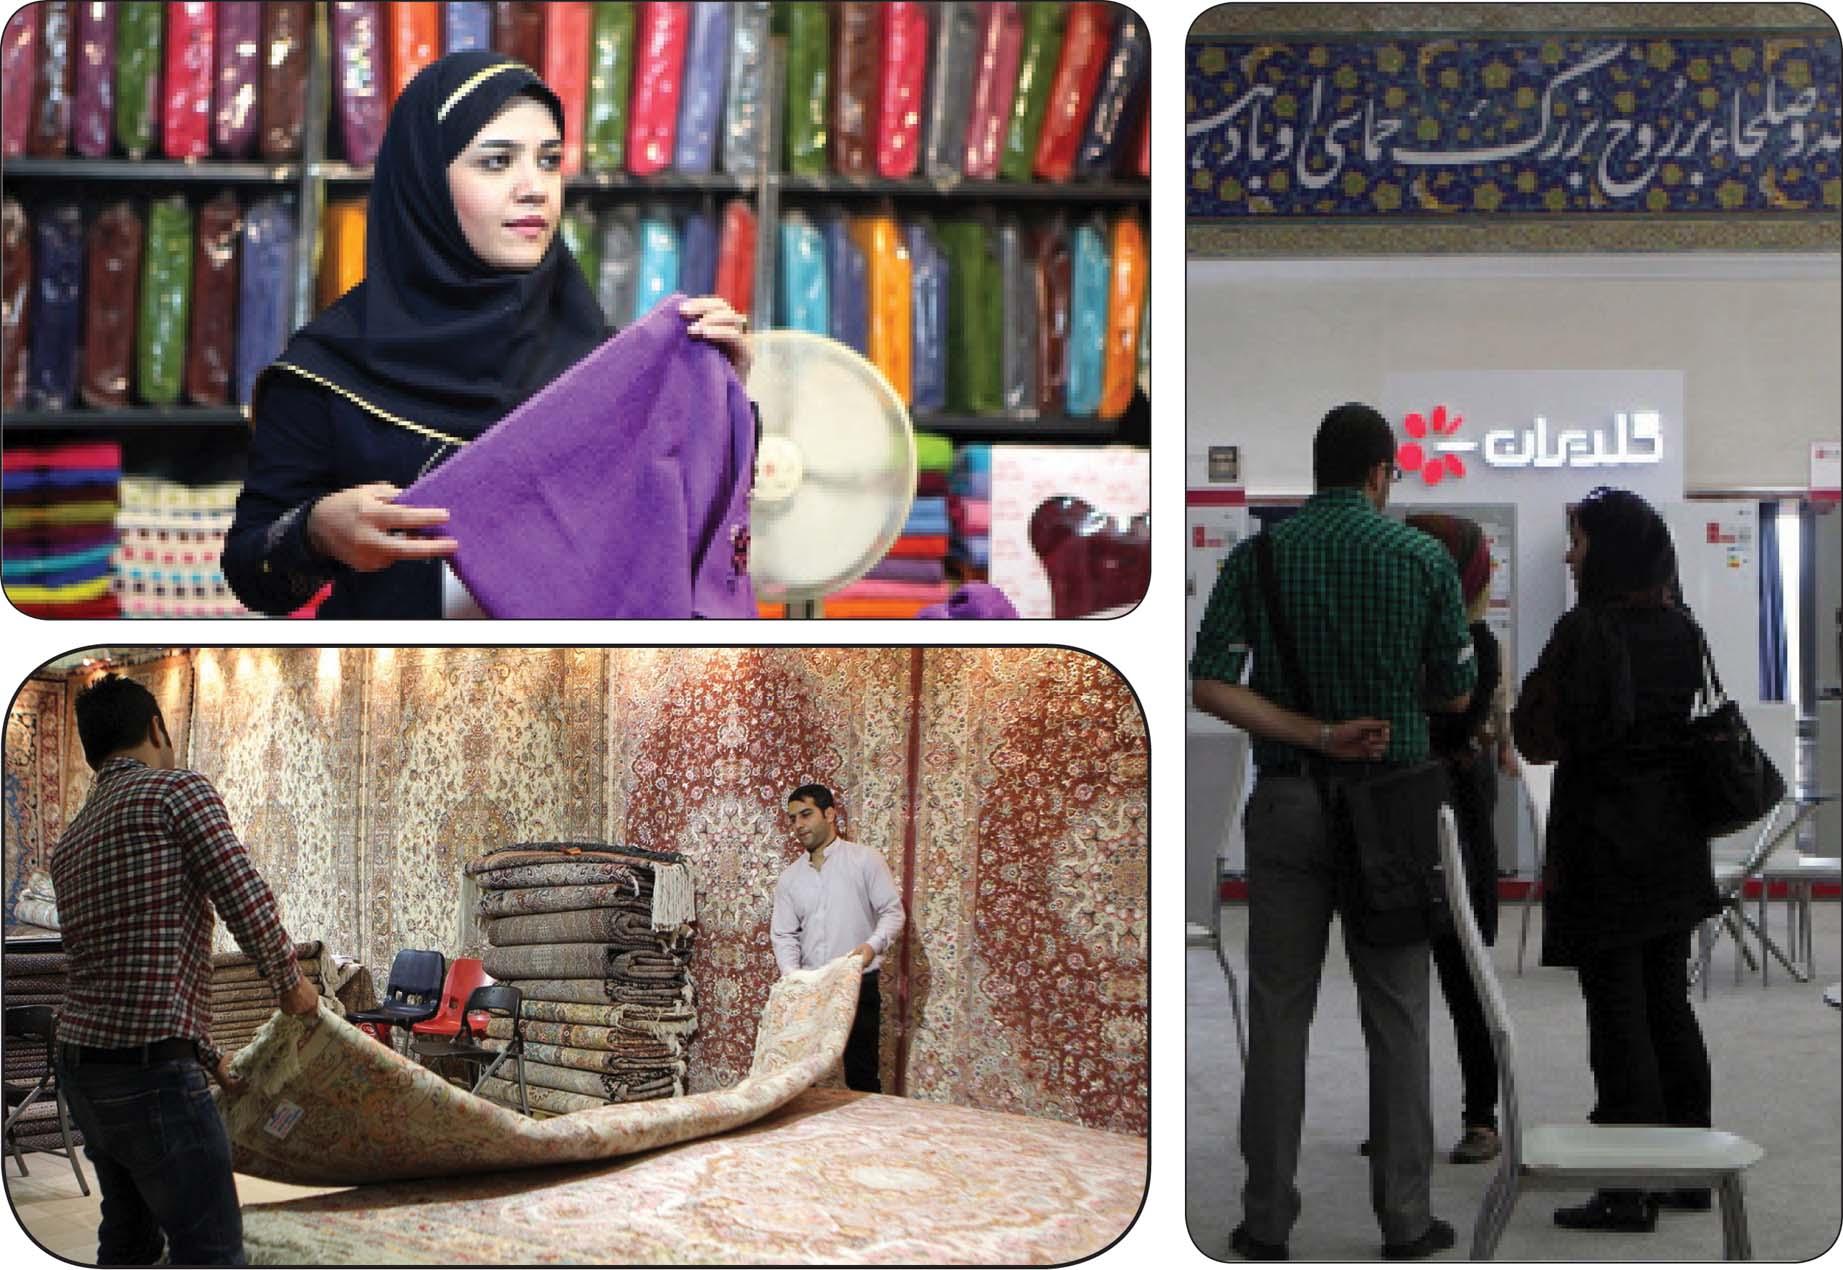 نمایشگاه جهیزیه ایرانی و لوازم خانگی مصلی تهران